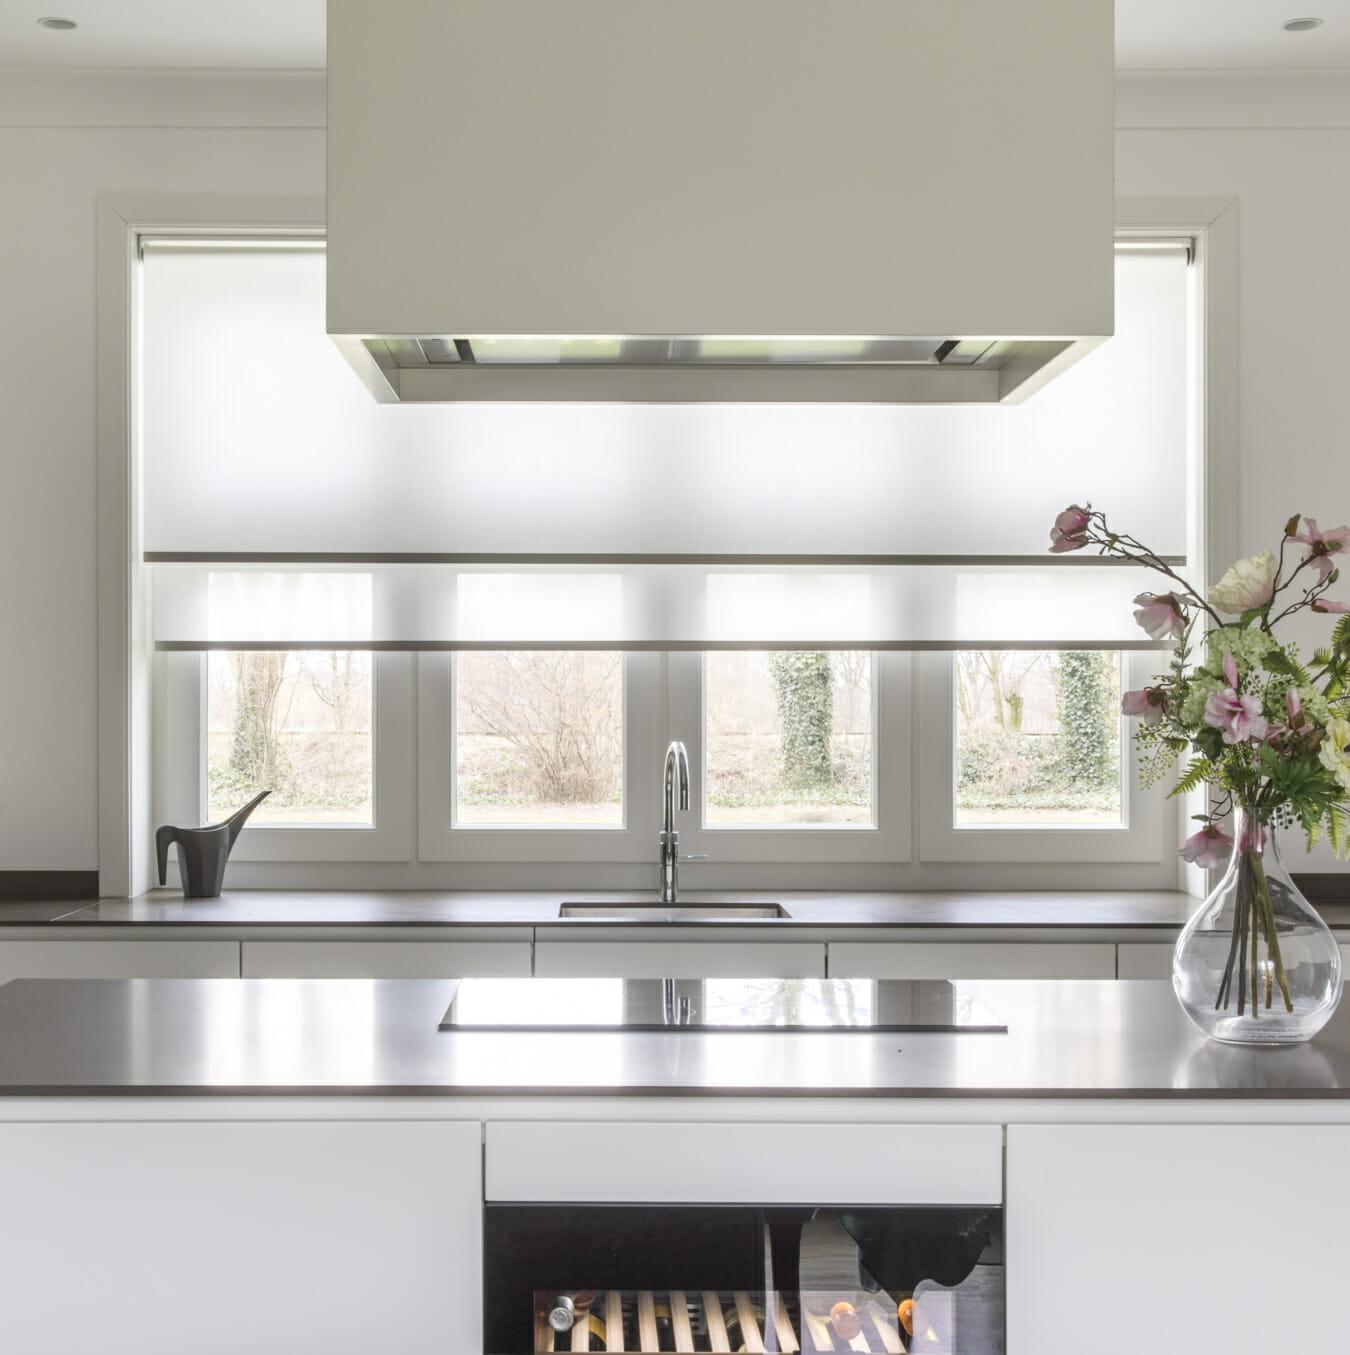 Rolgordijnen in keuken